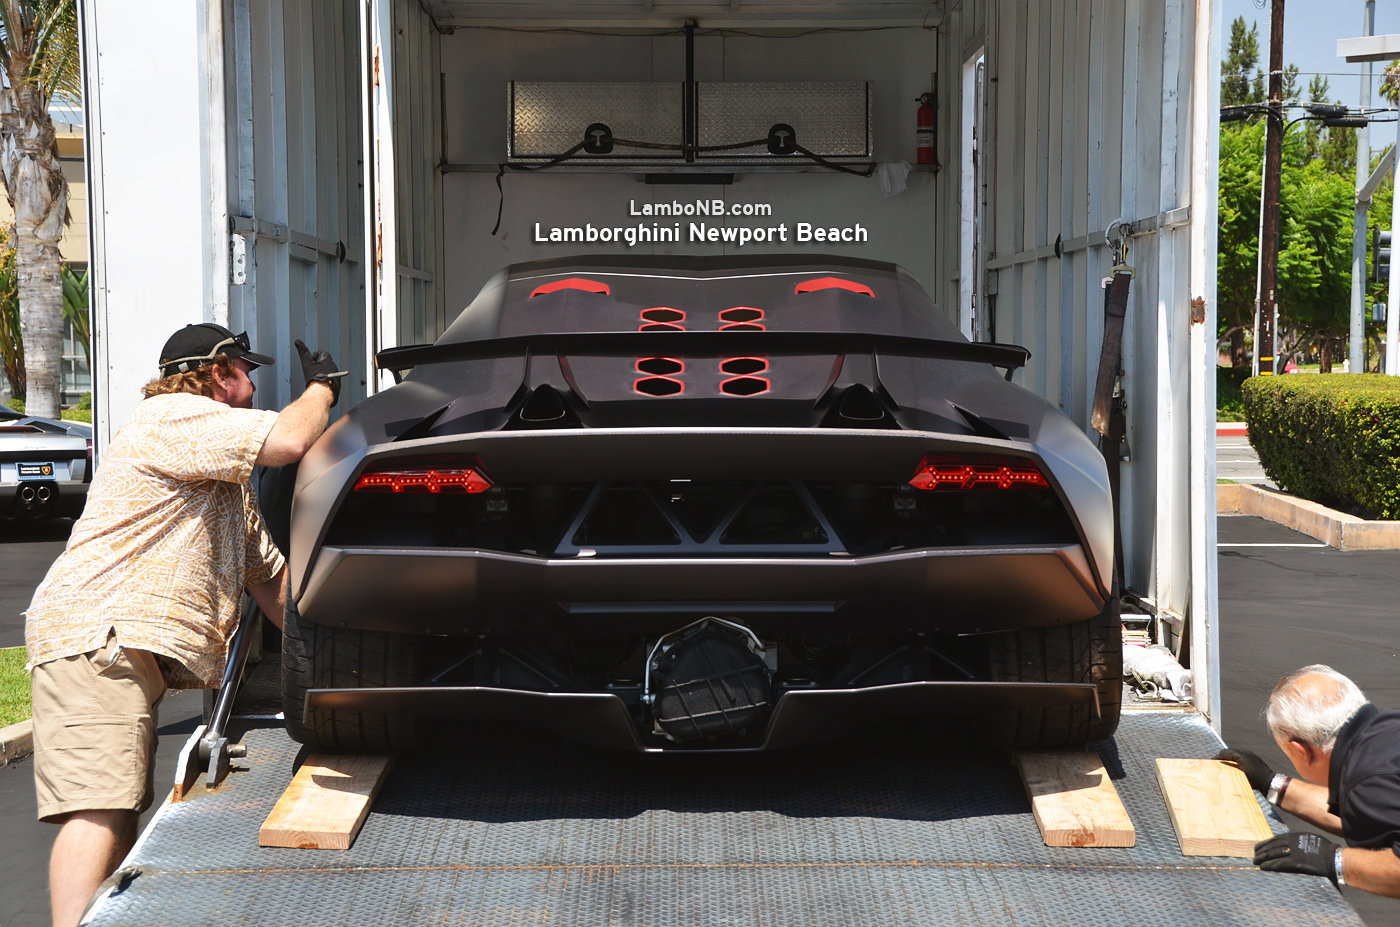 $2.2 Million Dollar Sesto Elemento Comes To Lamborghini Newport Beach!